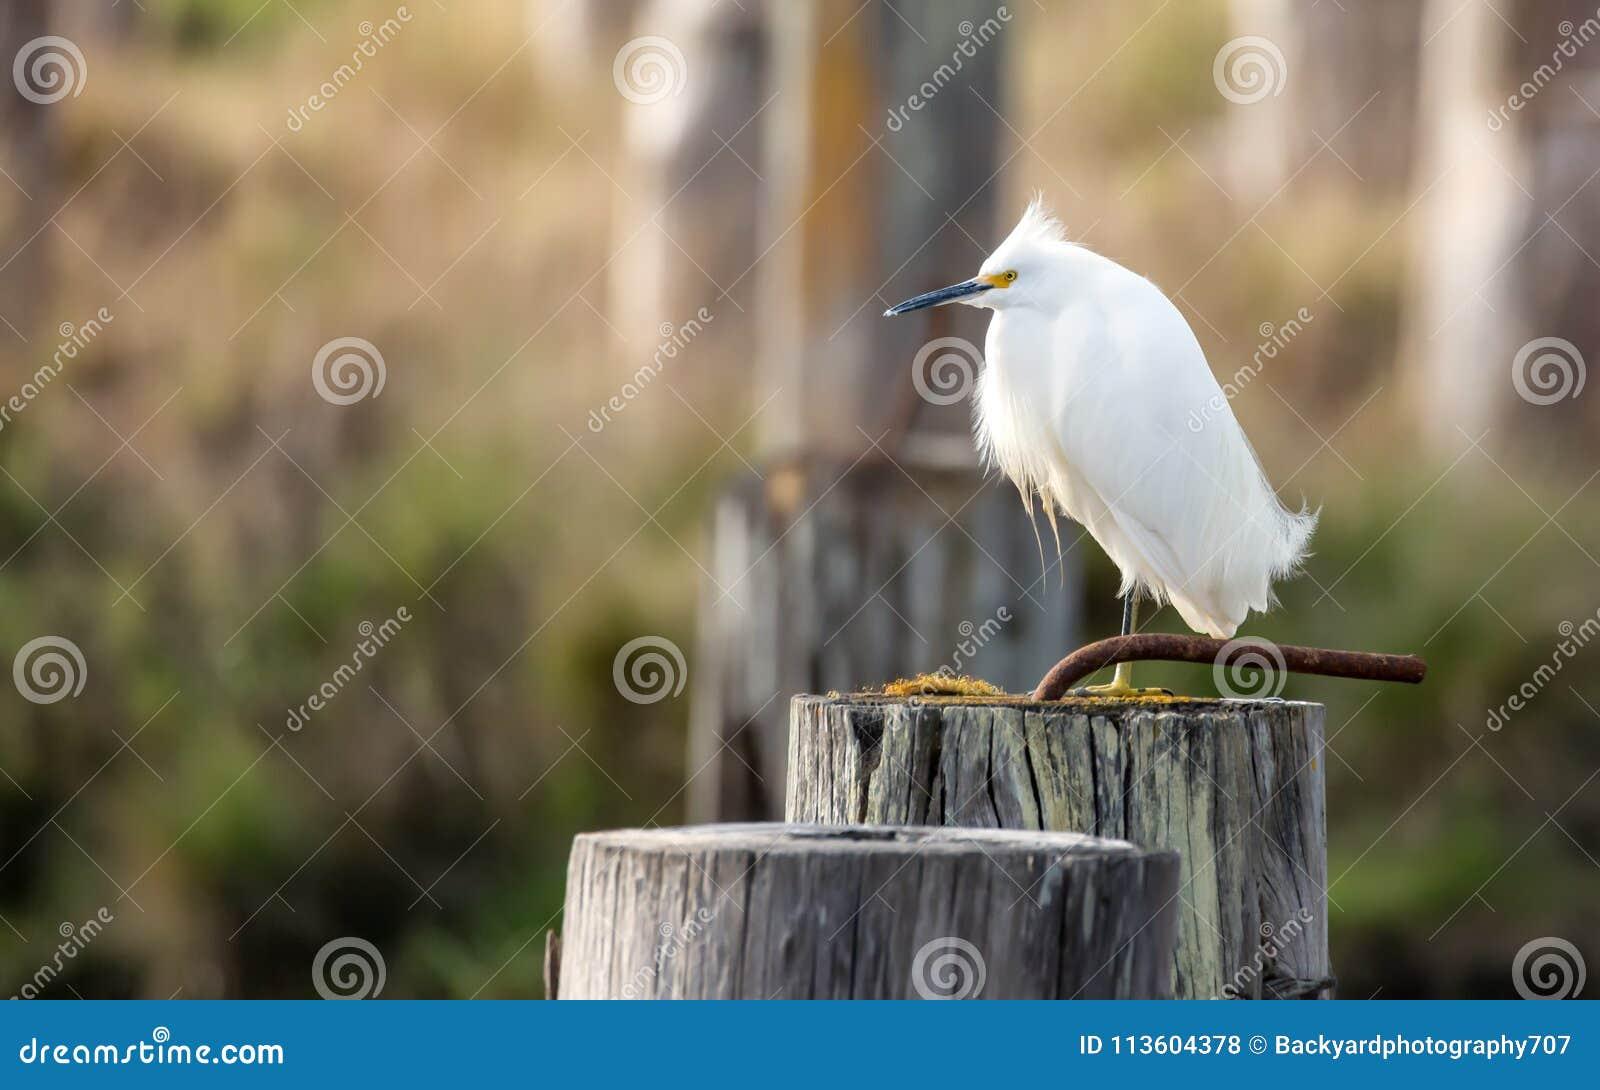 Egret selvagem empoleirado em uma pilha, Arcata, Califórnia, EUA